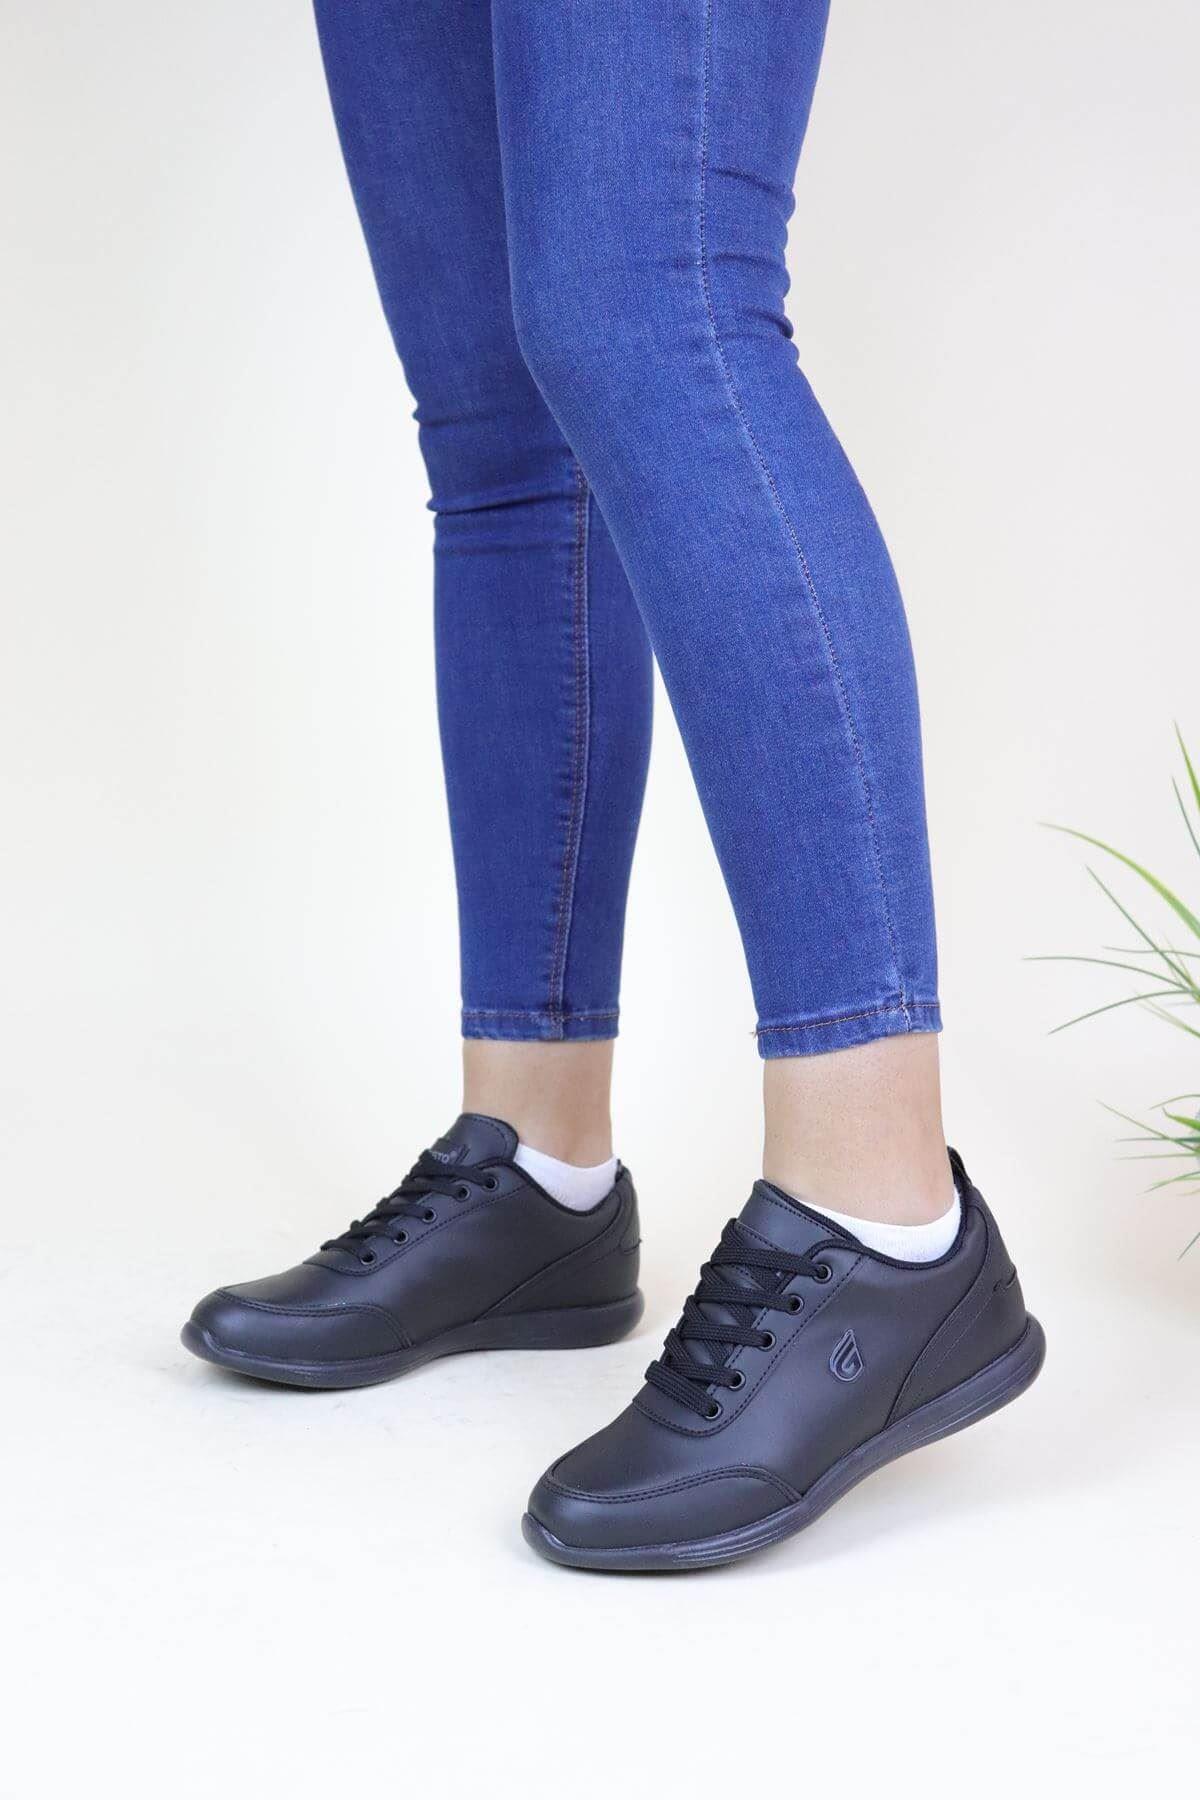 Trend Ayakkabı 632 Siyah Kadın Spor Ayakkabı